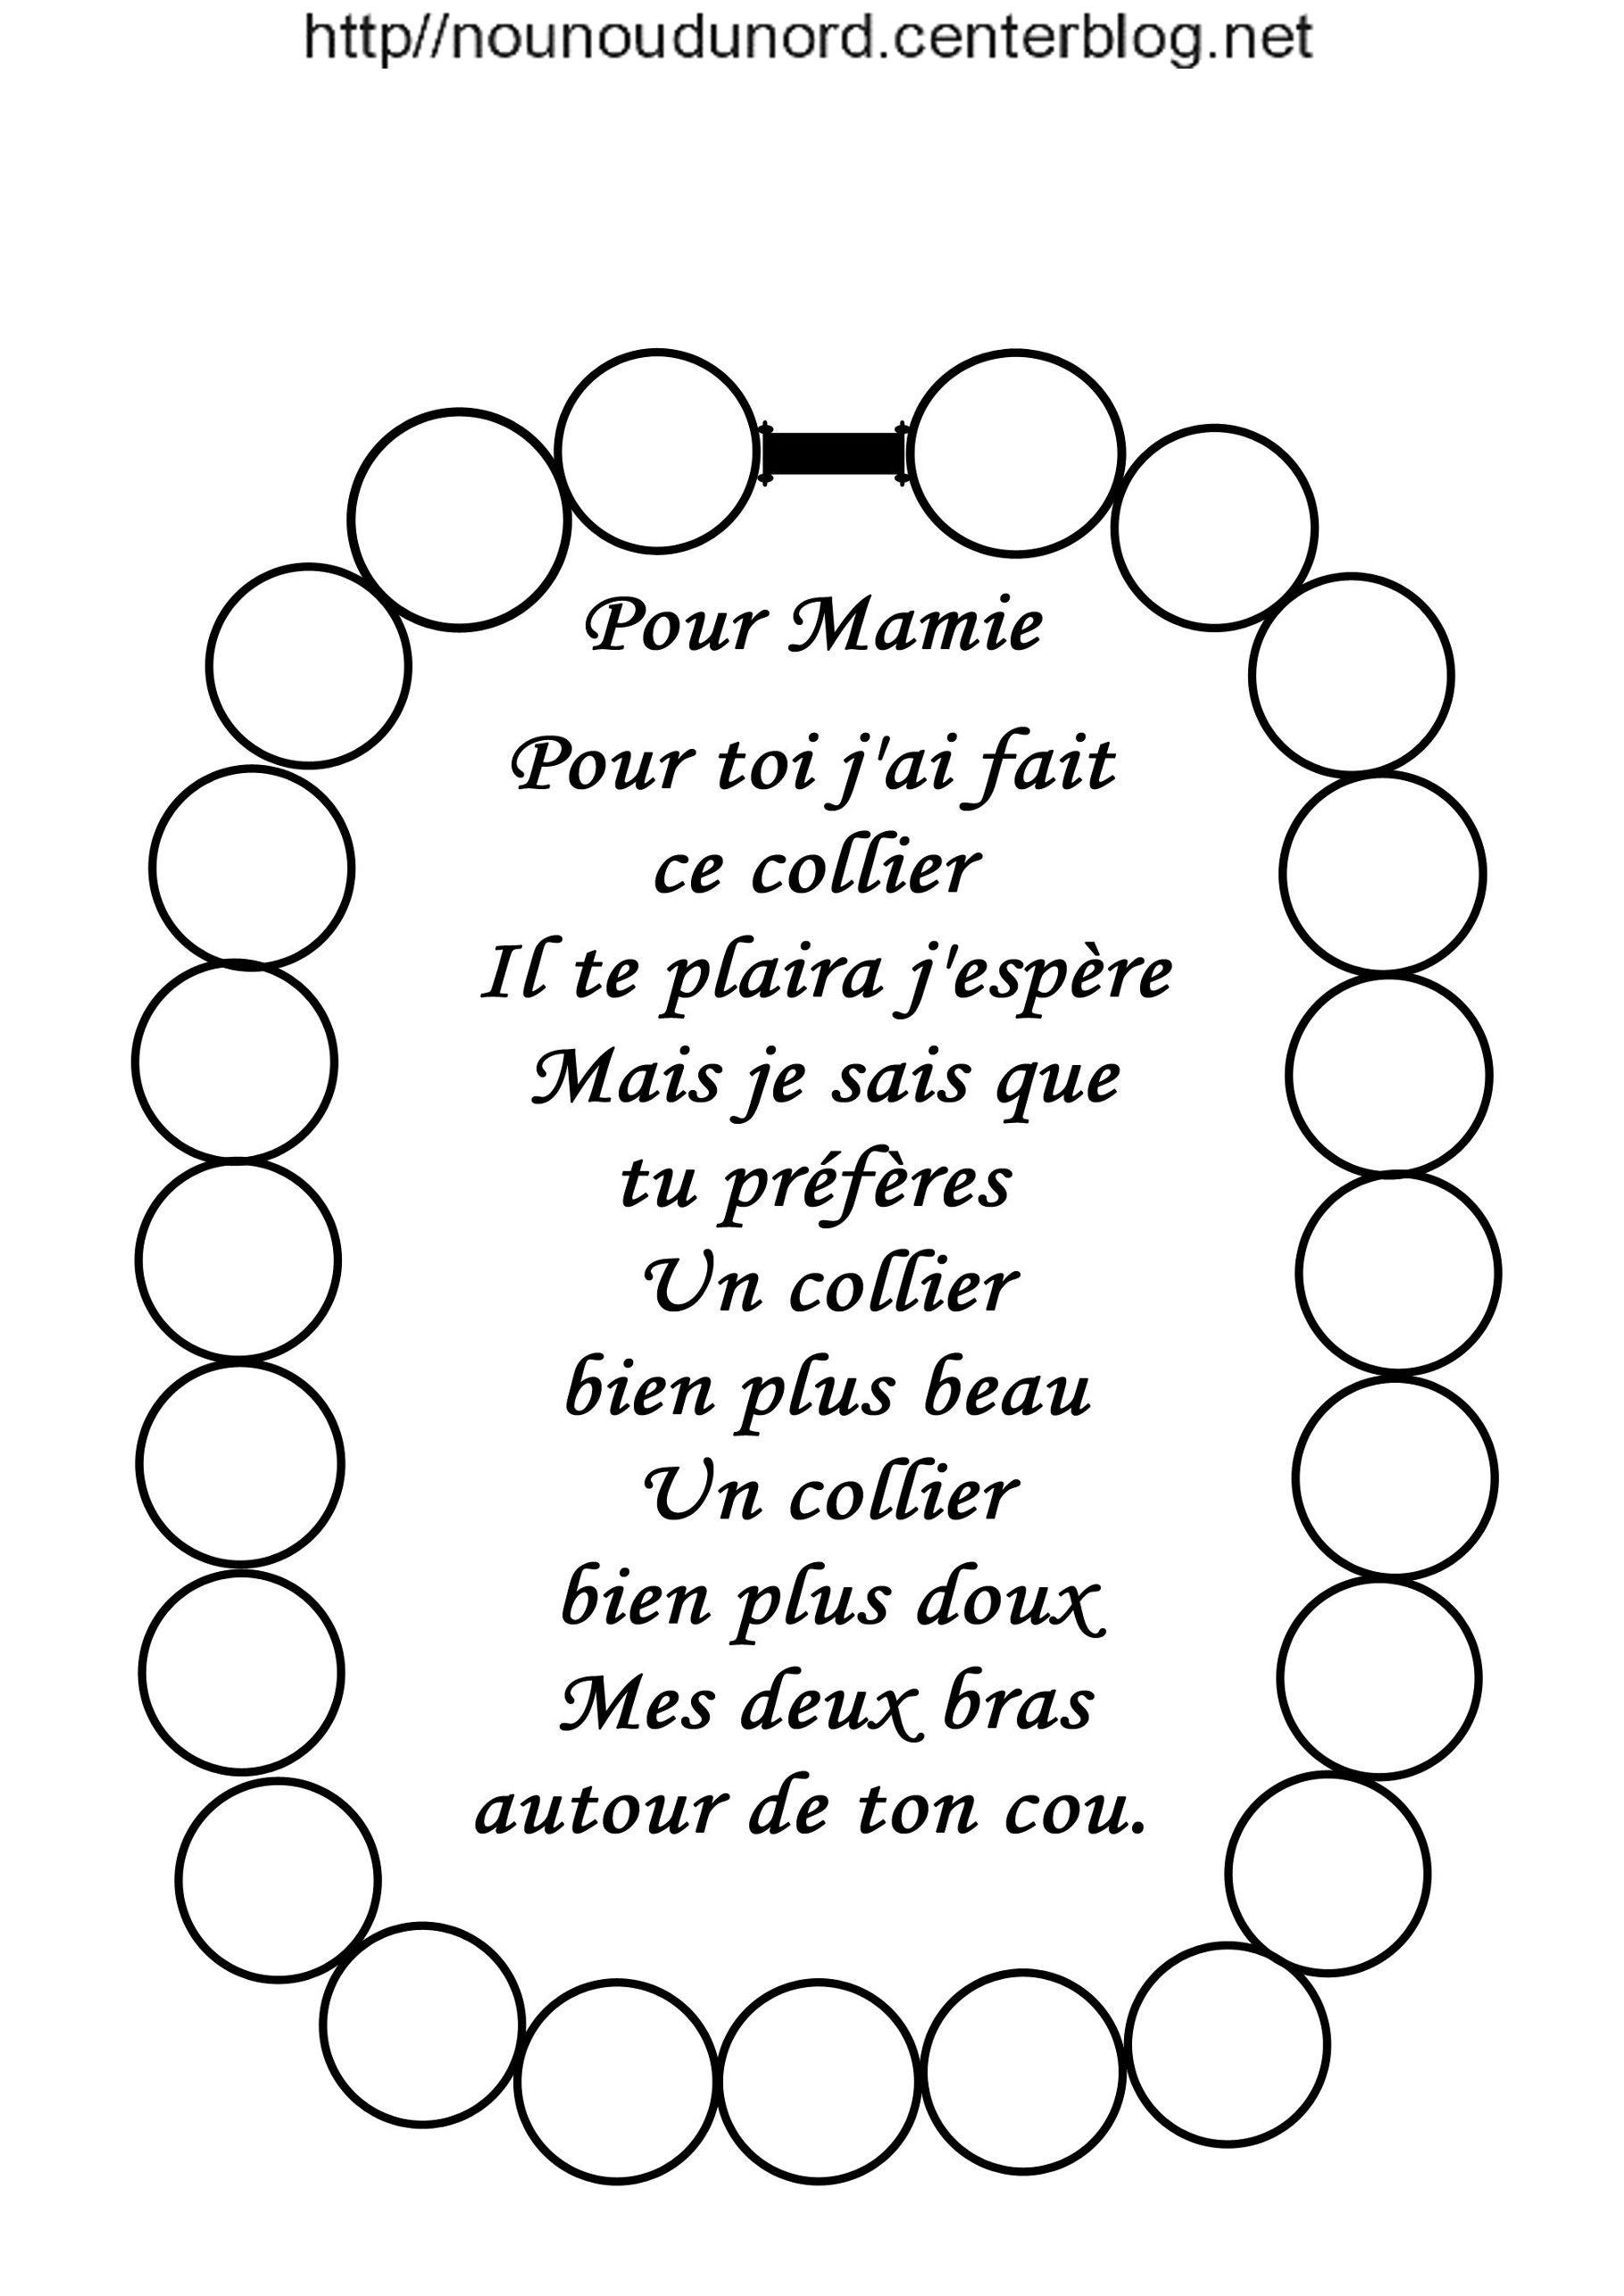 Liste De Mes Coloriages Pour La Fête Des Mamies Fete Des